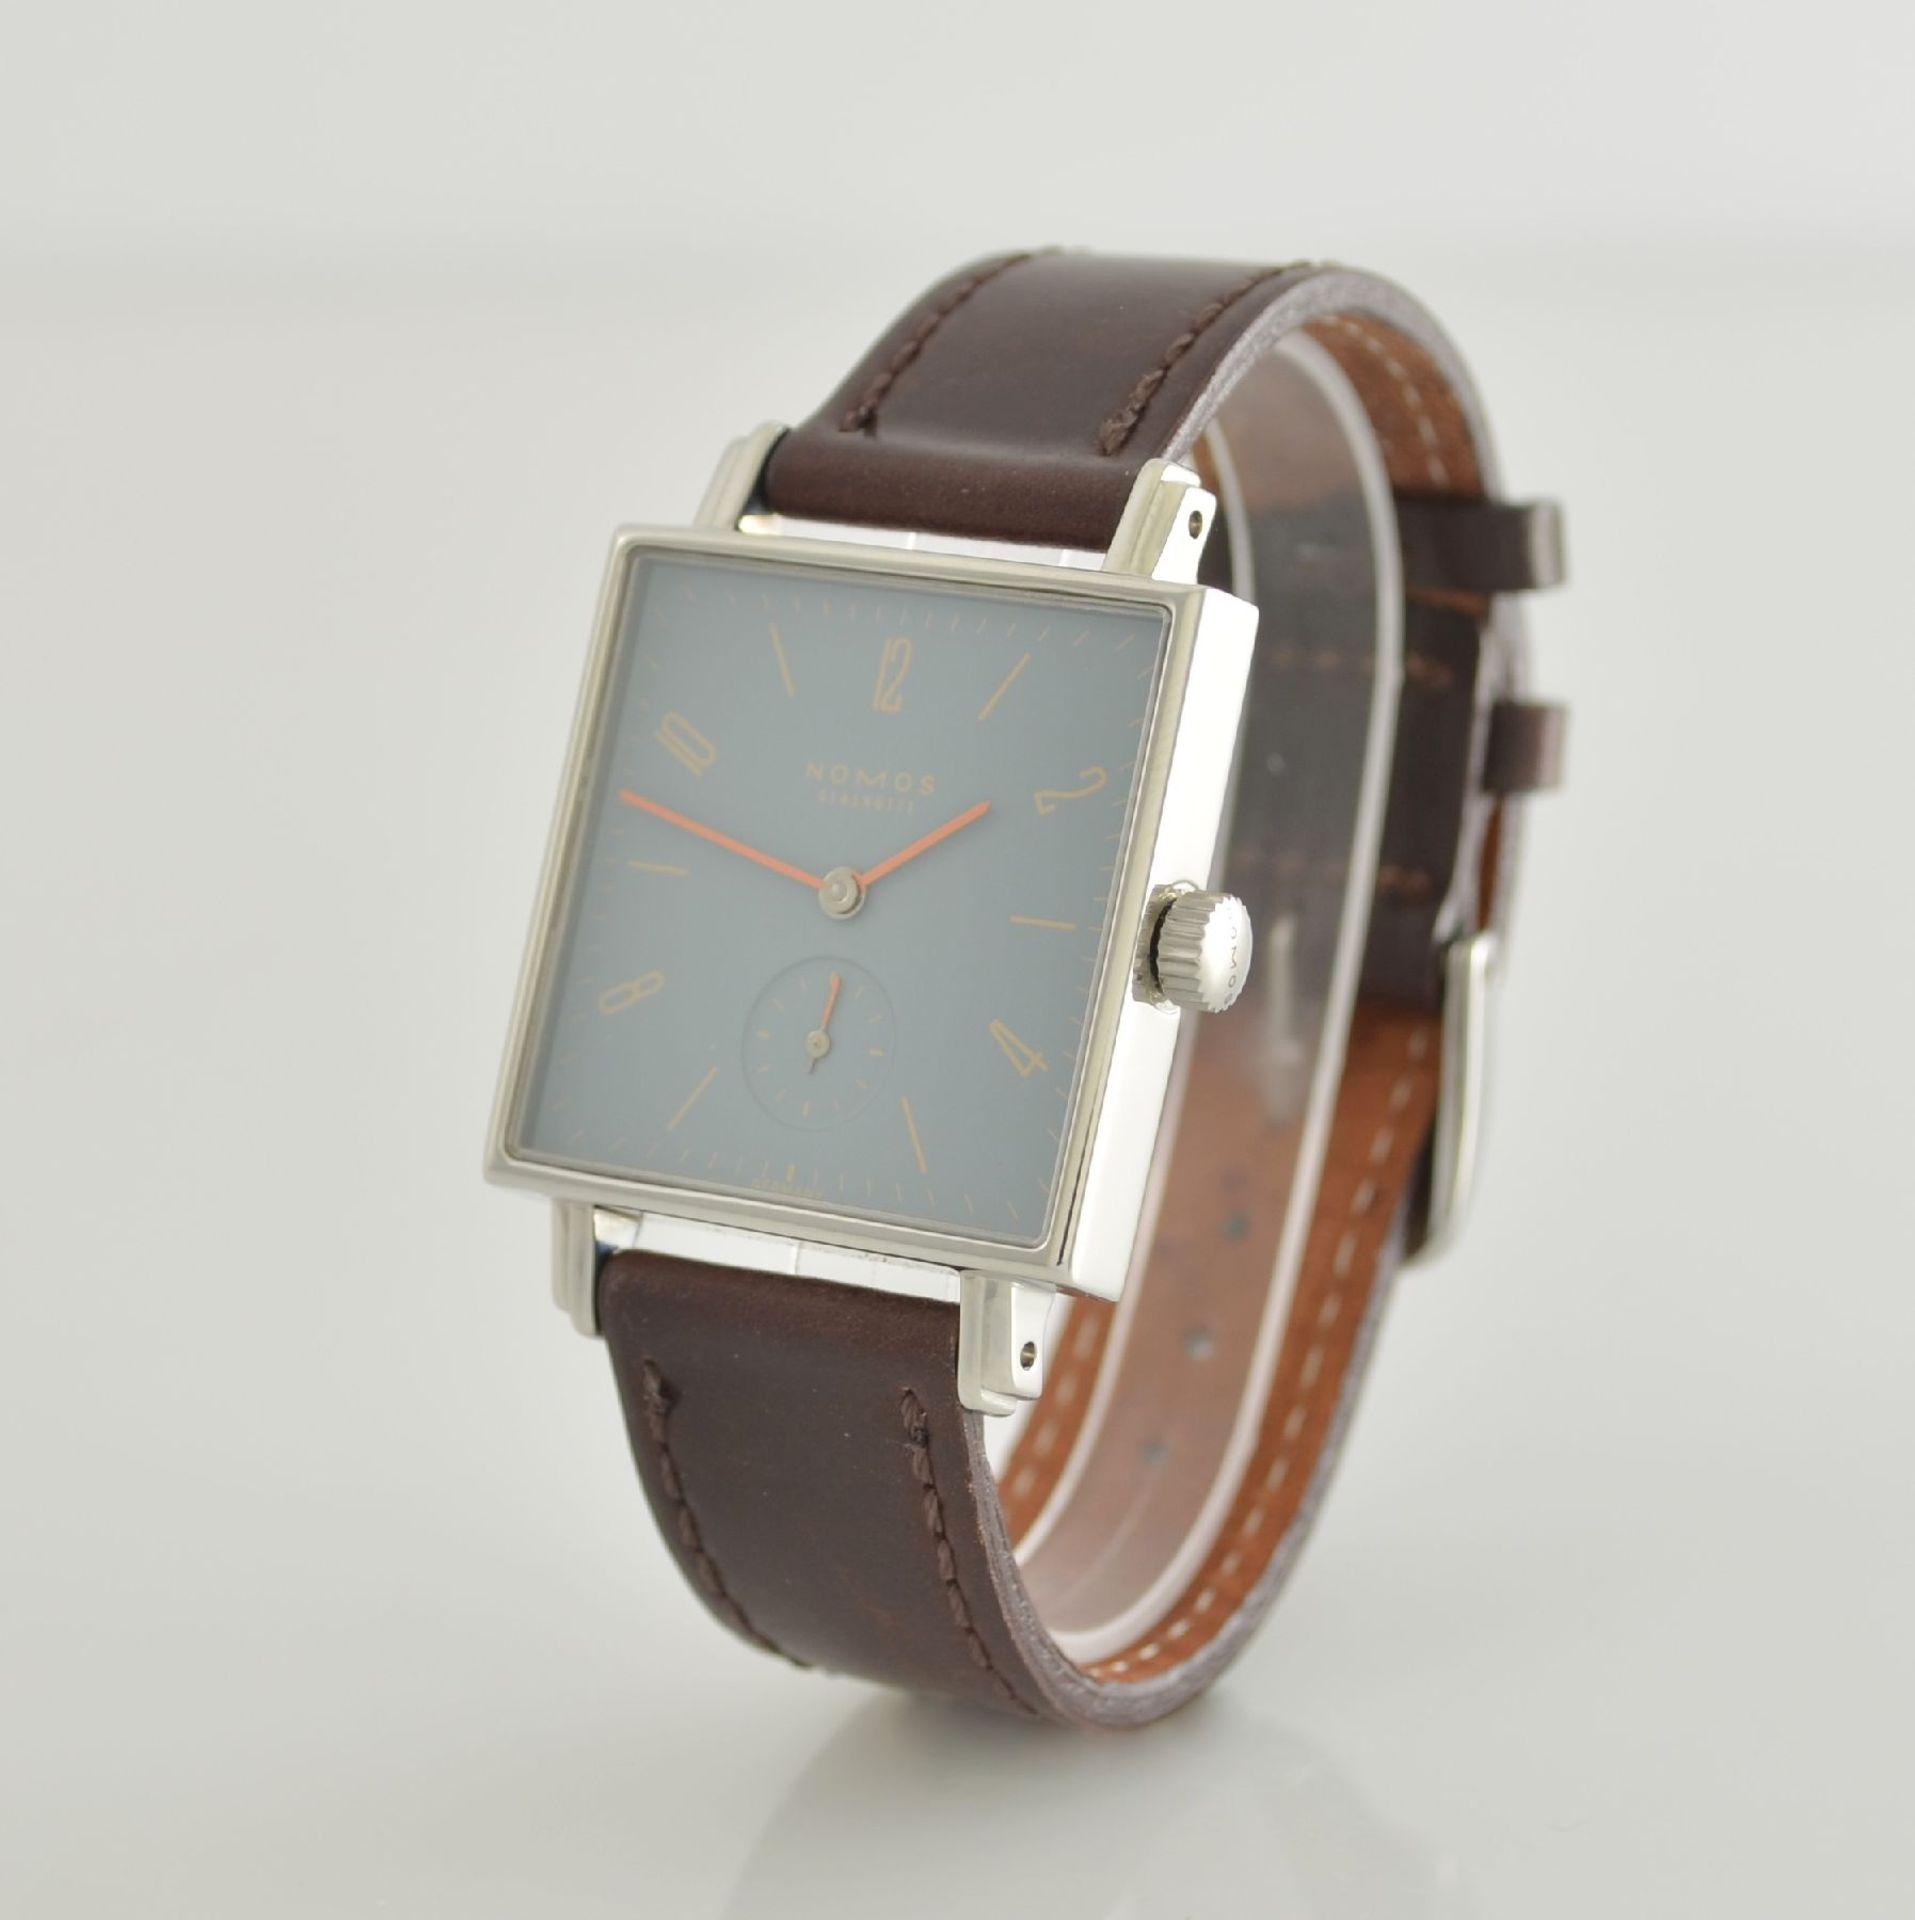 NOMOS Tetra Adonisröschen Armbanduhr in Edelstahl, Deutschland um 2010, Handaufzug, quadratisches - Bild 3 aus 6